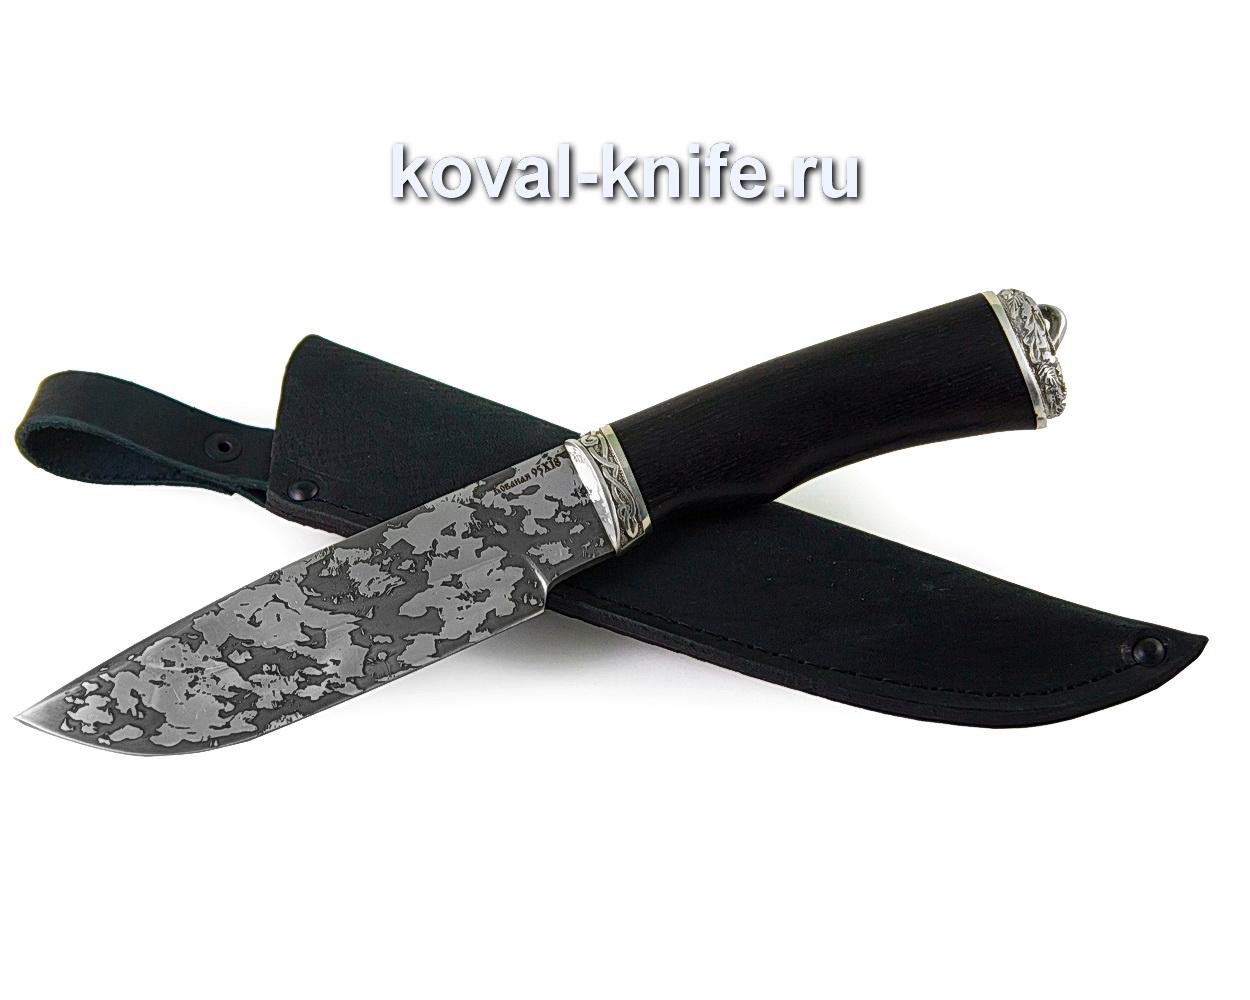 Нож Барс из стали 95х18 (рукоять граб, притин и пятка-мельхиор, травление) A347